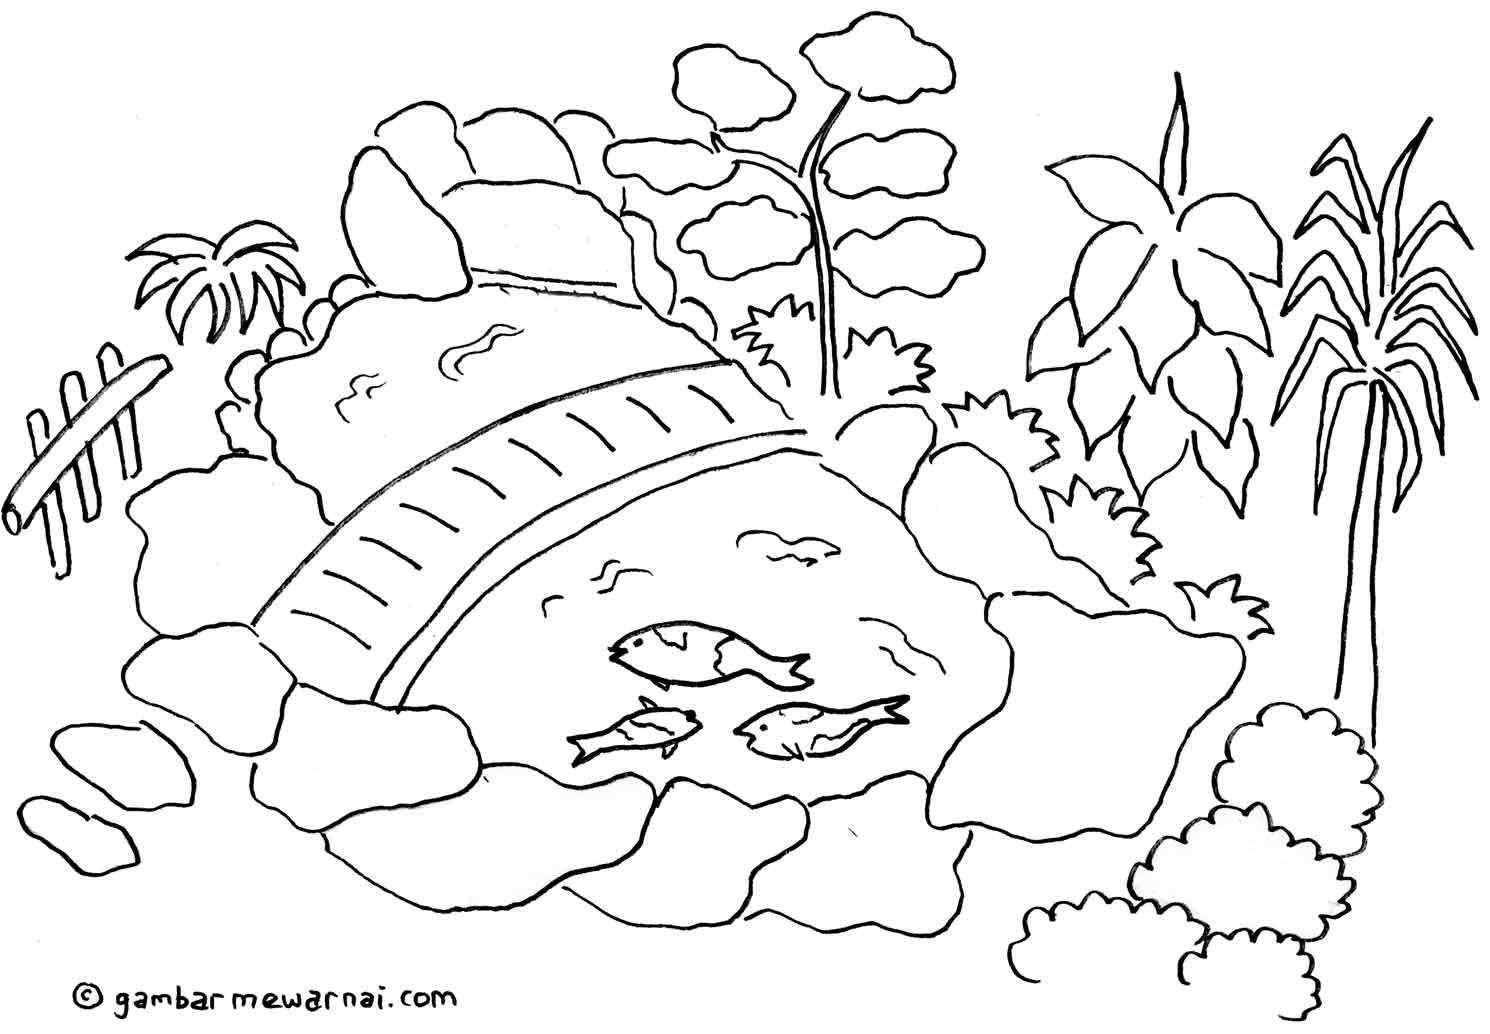 Mewarnai Gambar Taman Bunga The Image